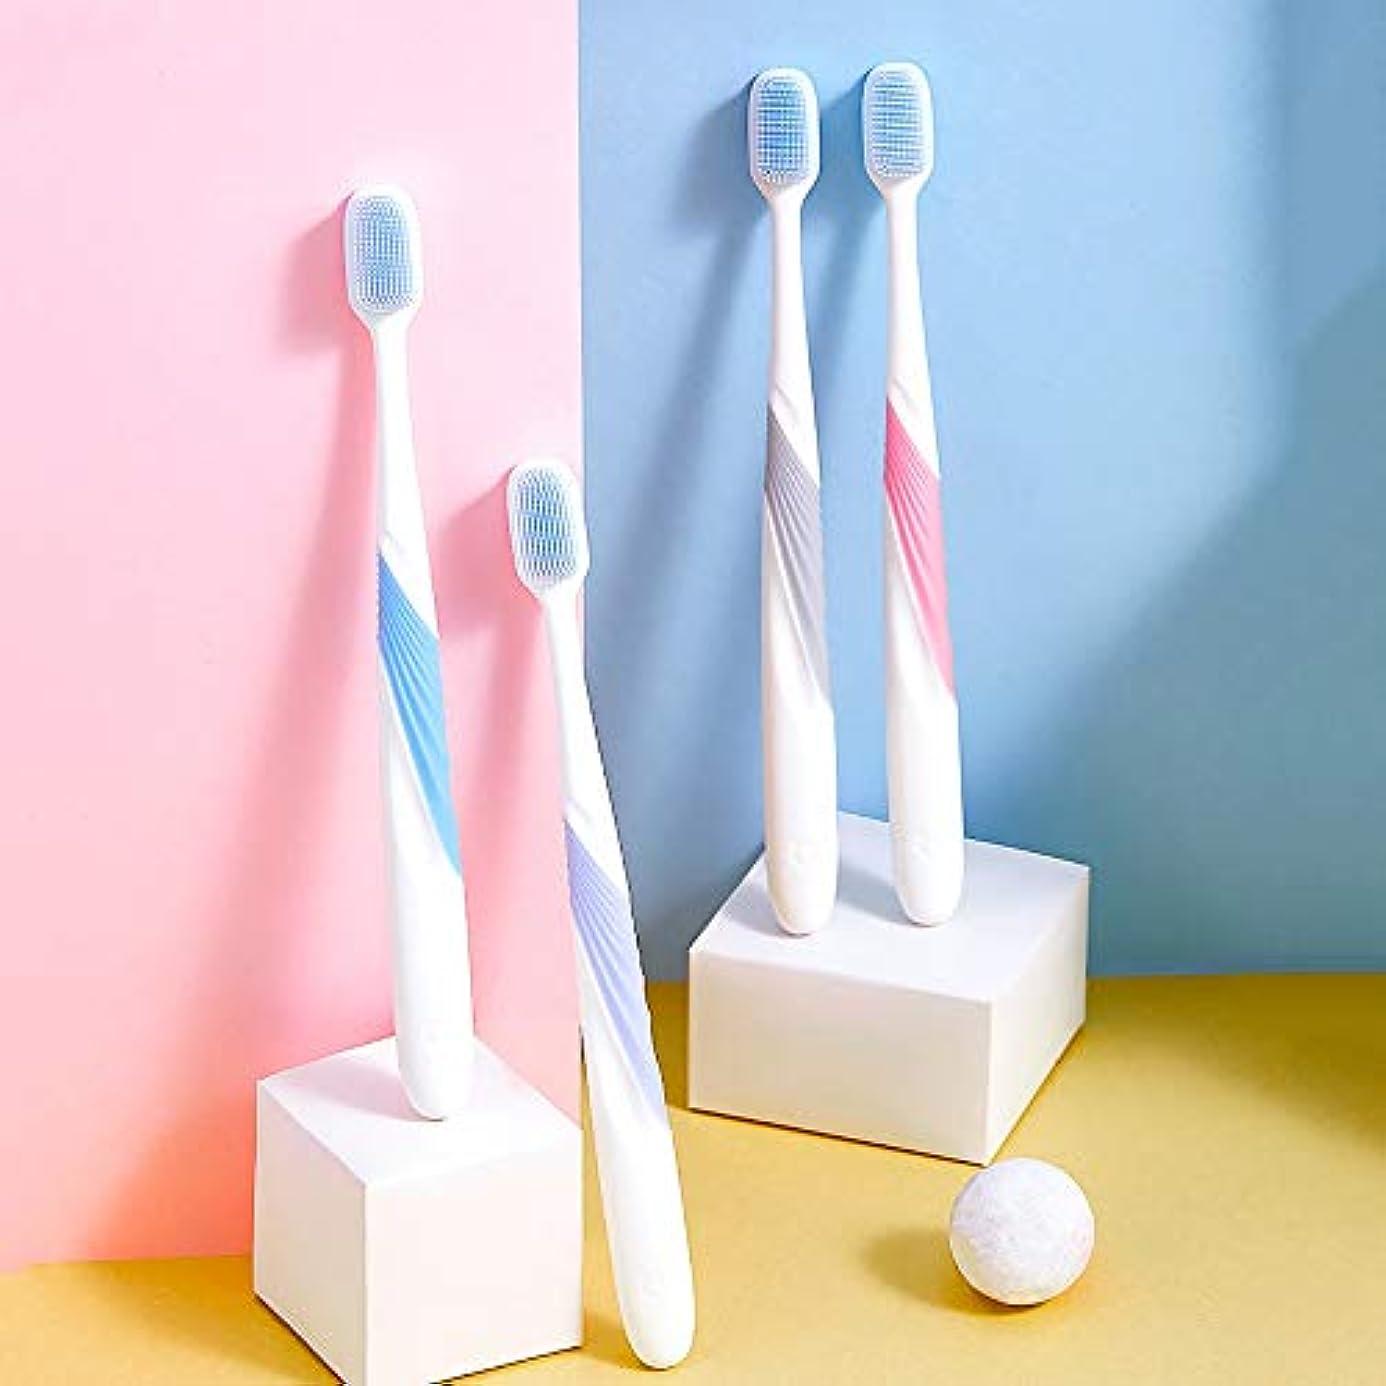 秘密のレールディスカウント歯ブラシ 4ソフト歯ブラシ、新しいワイドブラシヘッド歯ブラシ、バルク歯ブラシ、ヘルプ清掃口へ HL (サイズ : 4 packs)